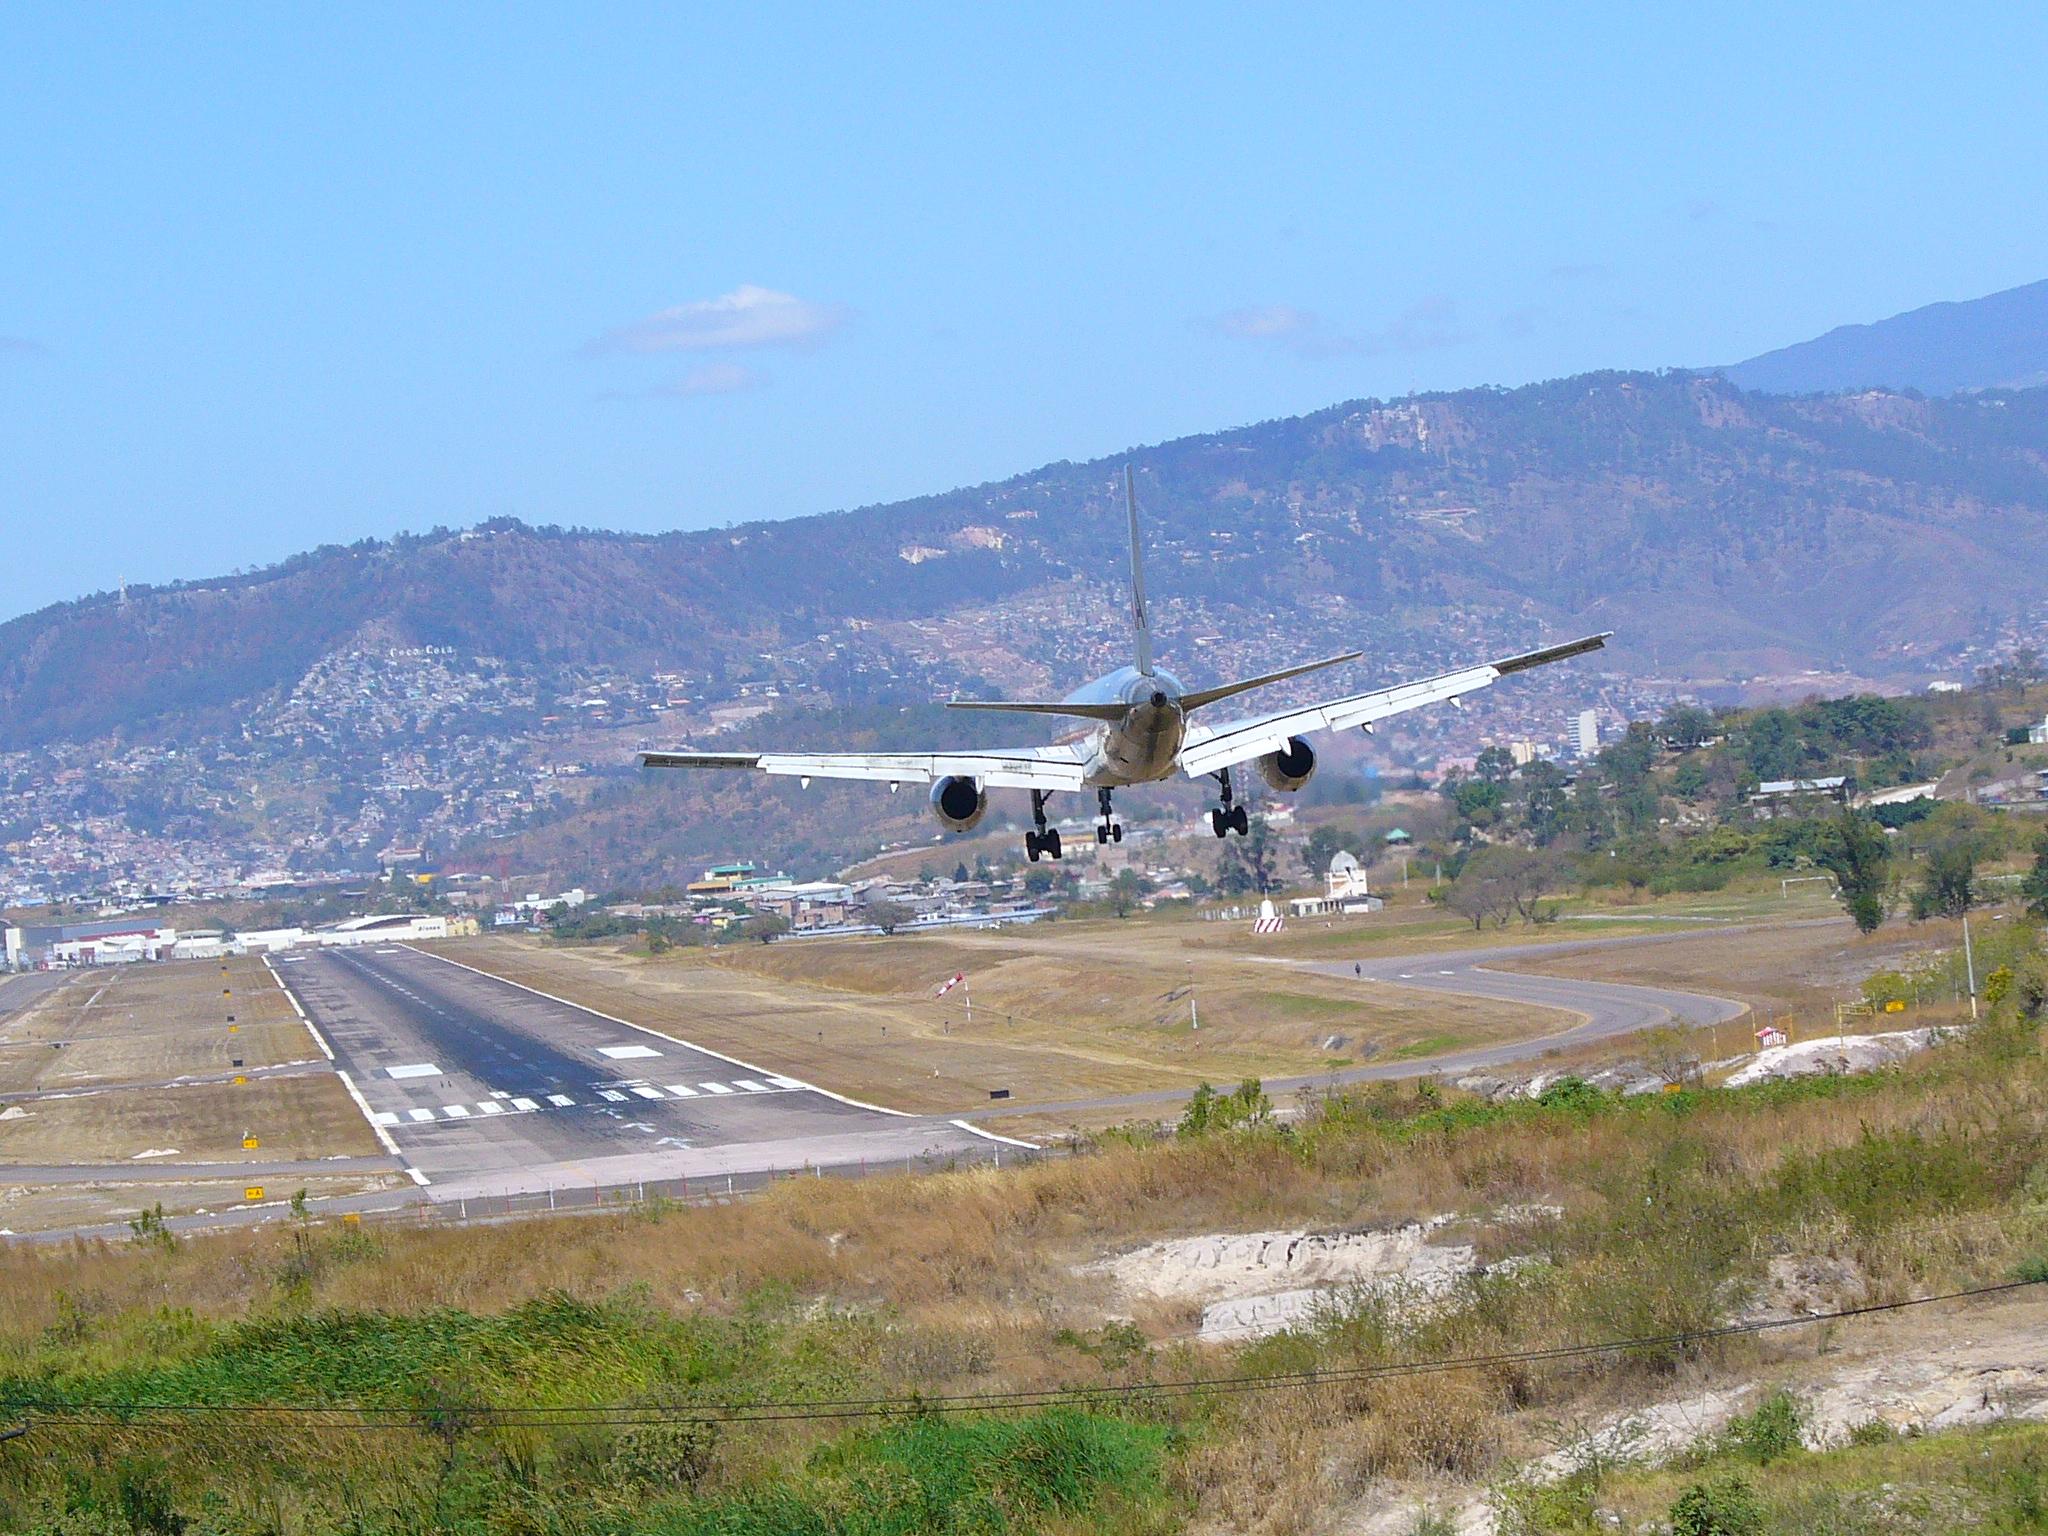 Toncontínin kansainvälinen lentoasema